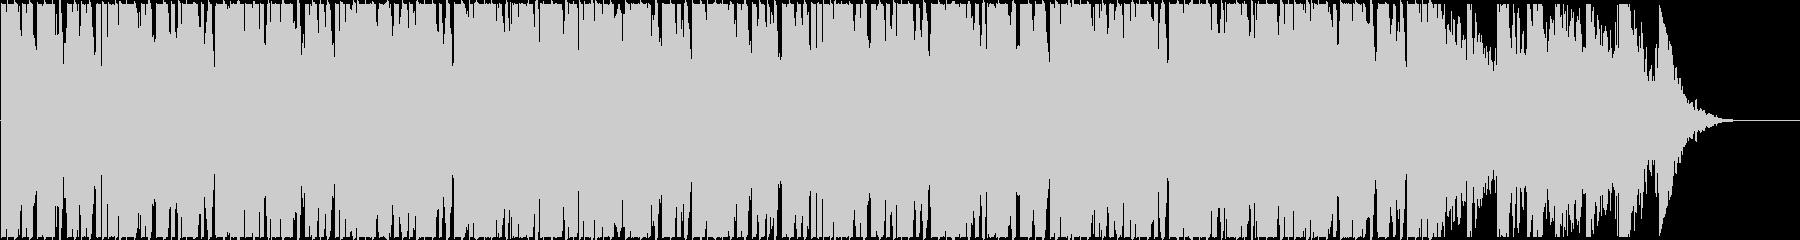 爽やかで前向き・少し切ないエレピのBGMの未再生の波形